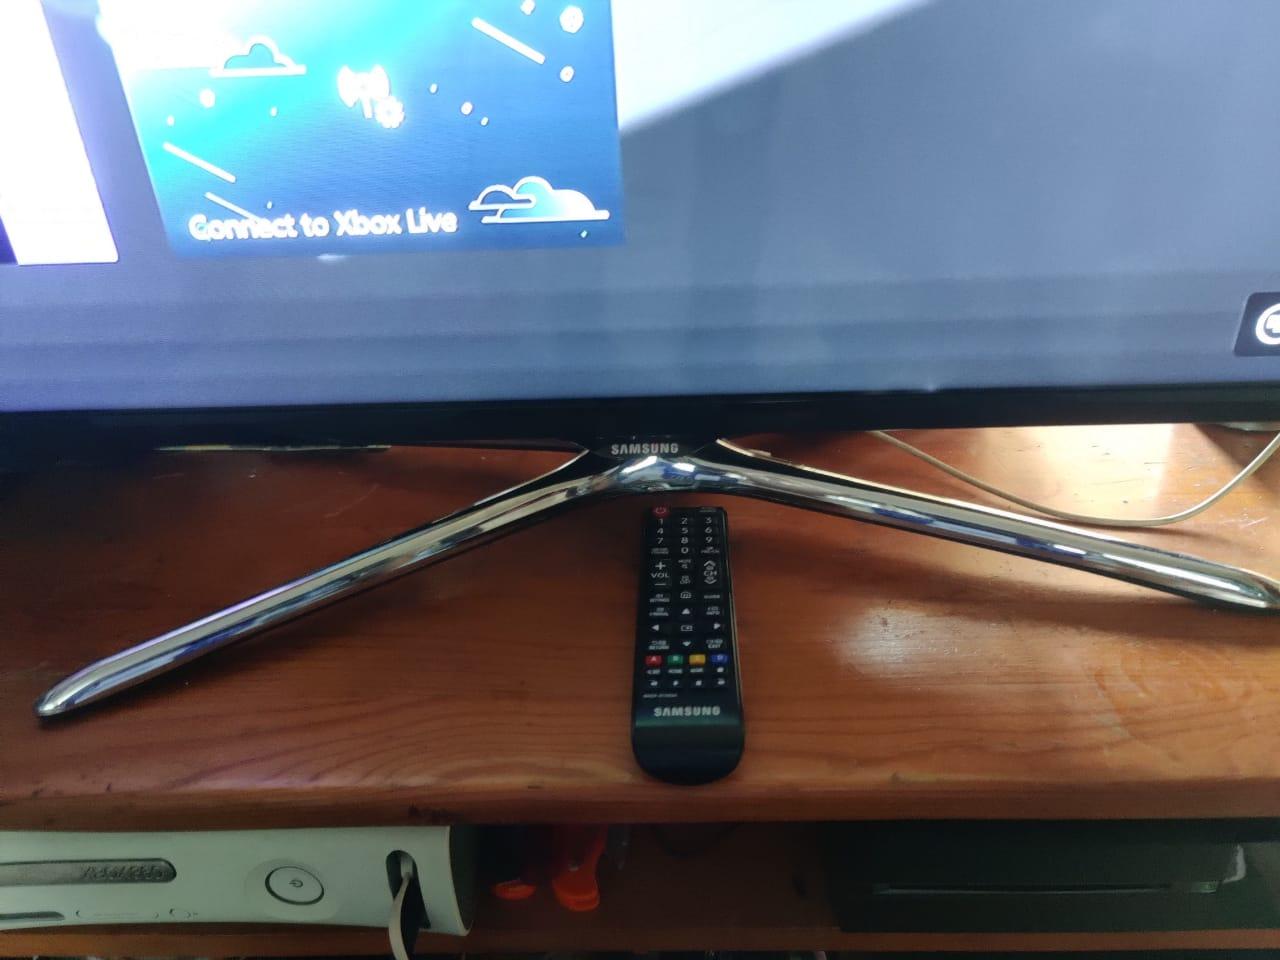 Samsung 40 inch led full hd Model no UA40F5000